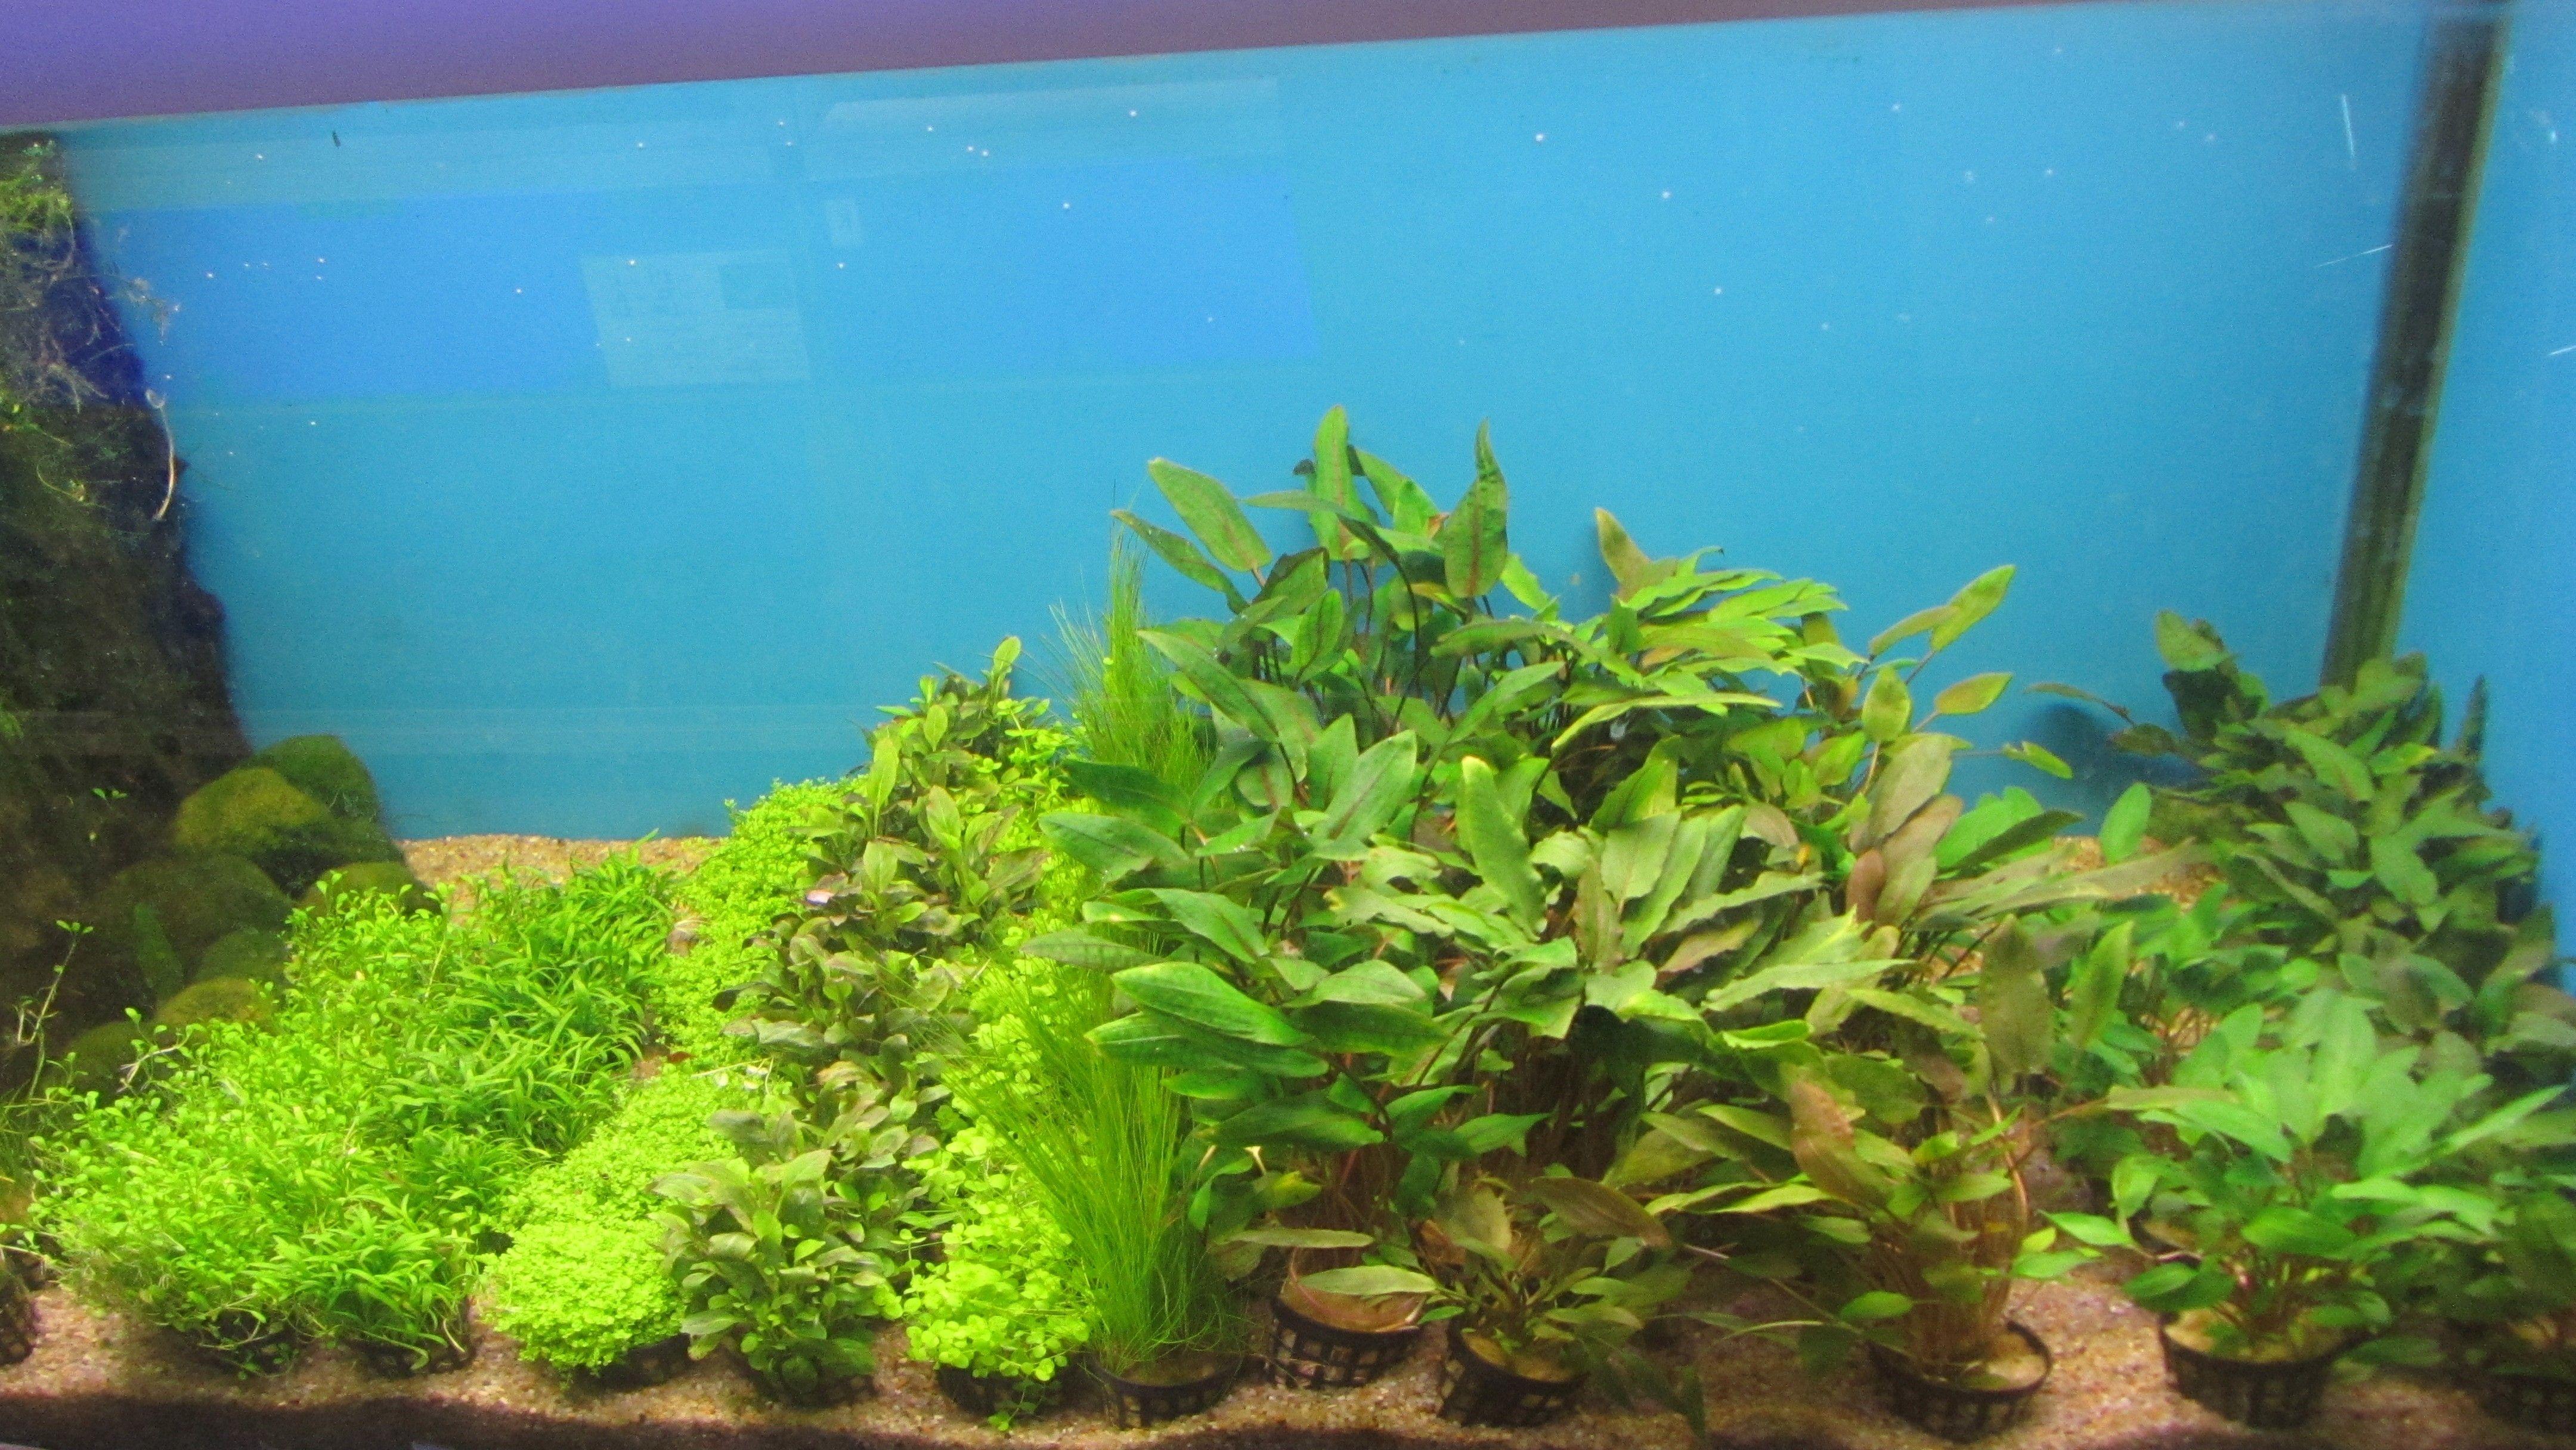 Plantepakke 7 består af 5 planter. høj, medium, lav + 1 mos